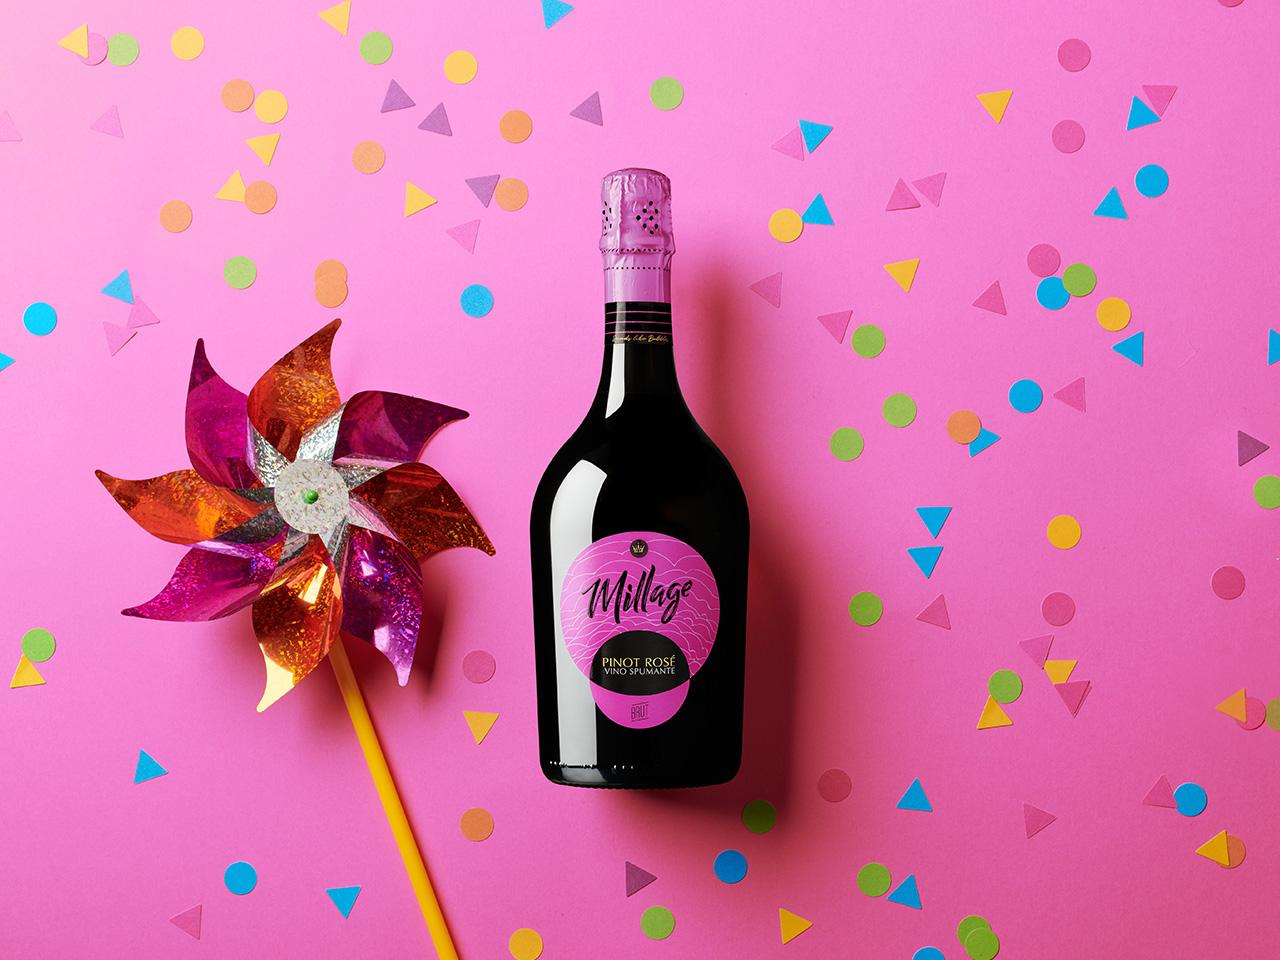 millage-pinot-rose-brut